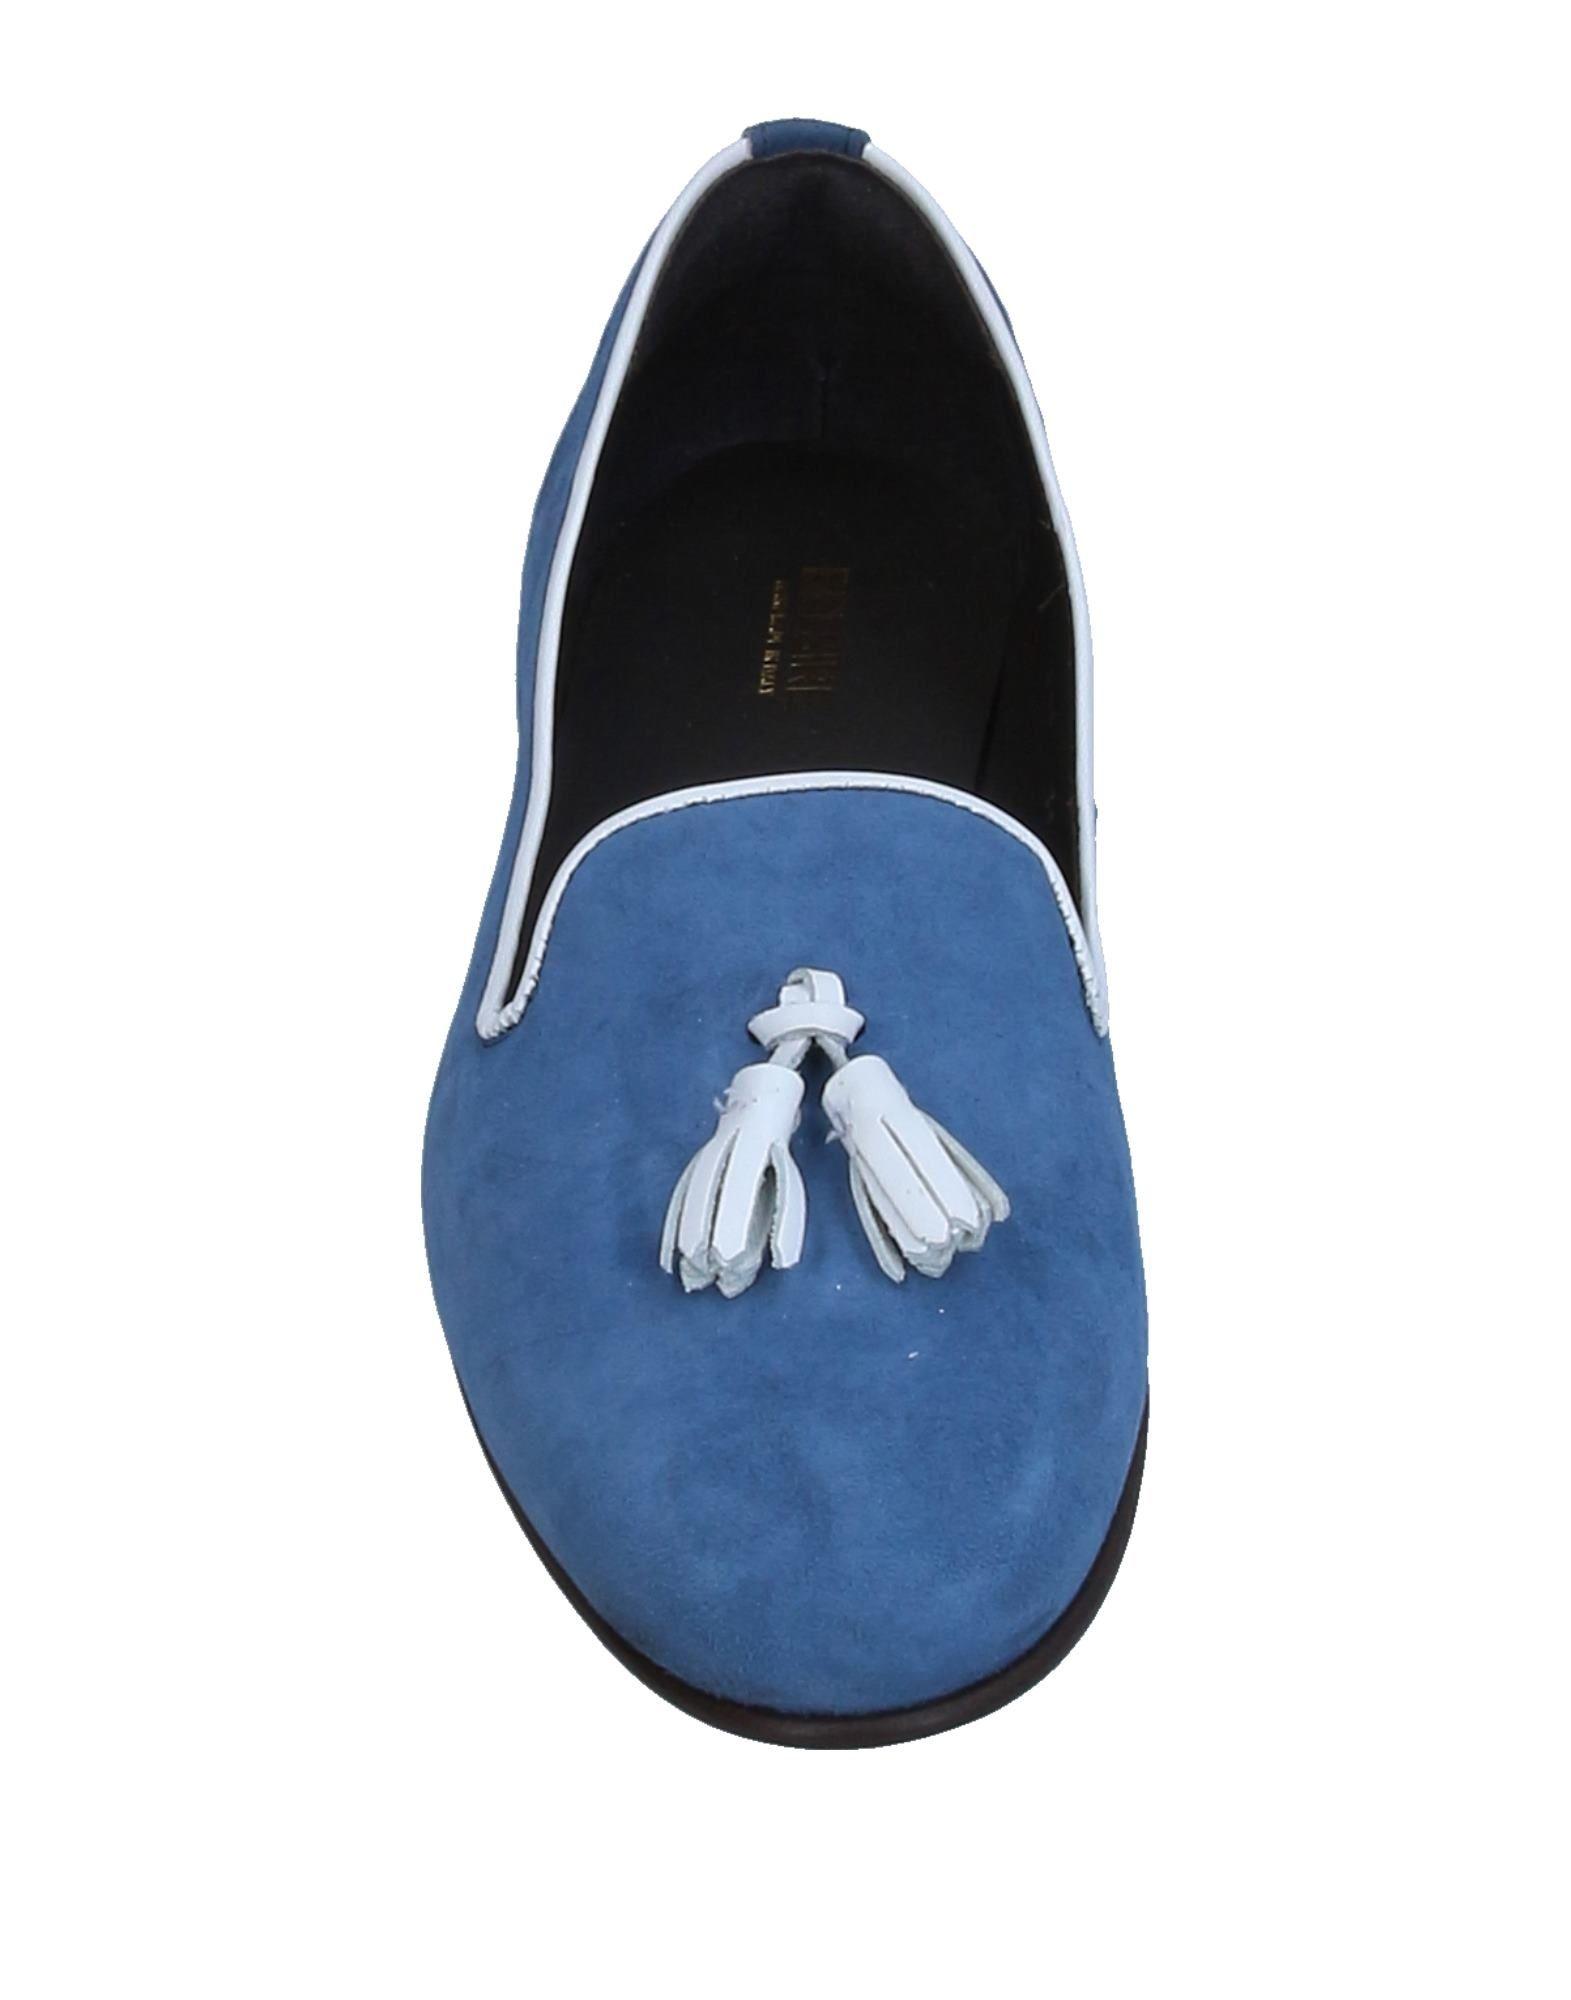 Belsire Mokassins Damen  11351859RX Gute Qualität beliebte Schuhe